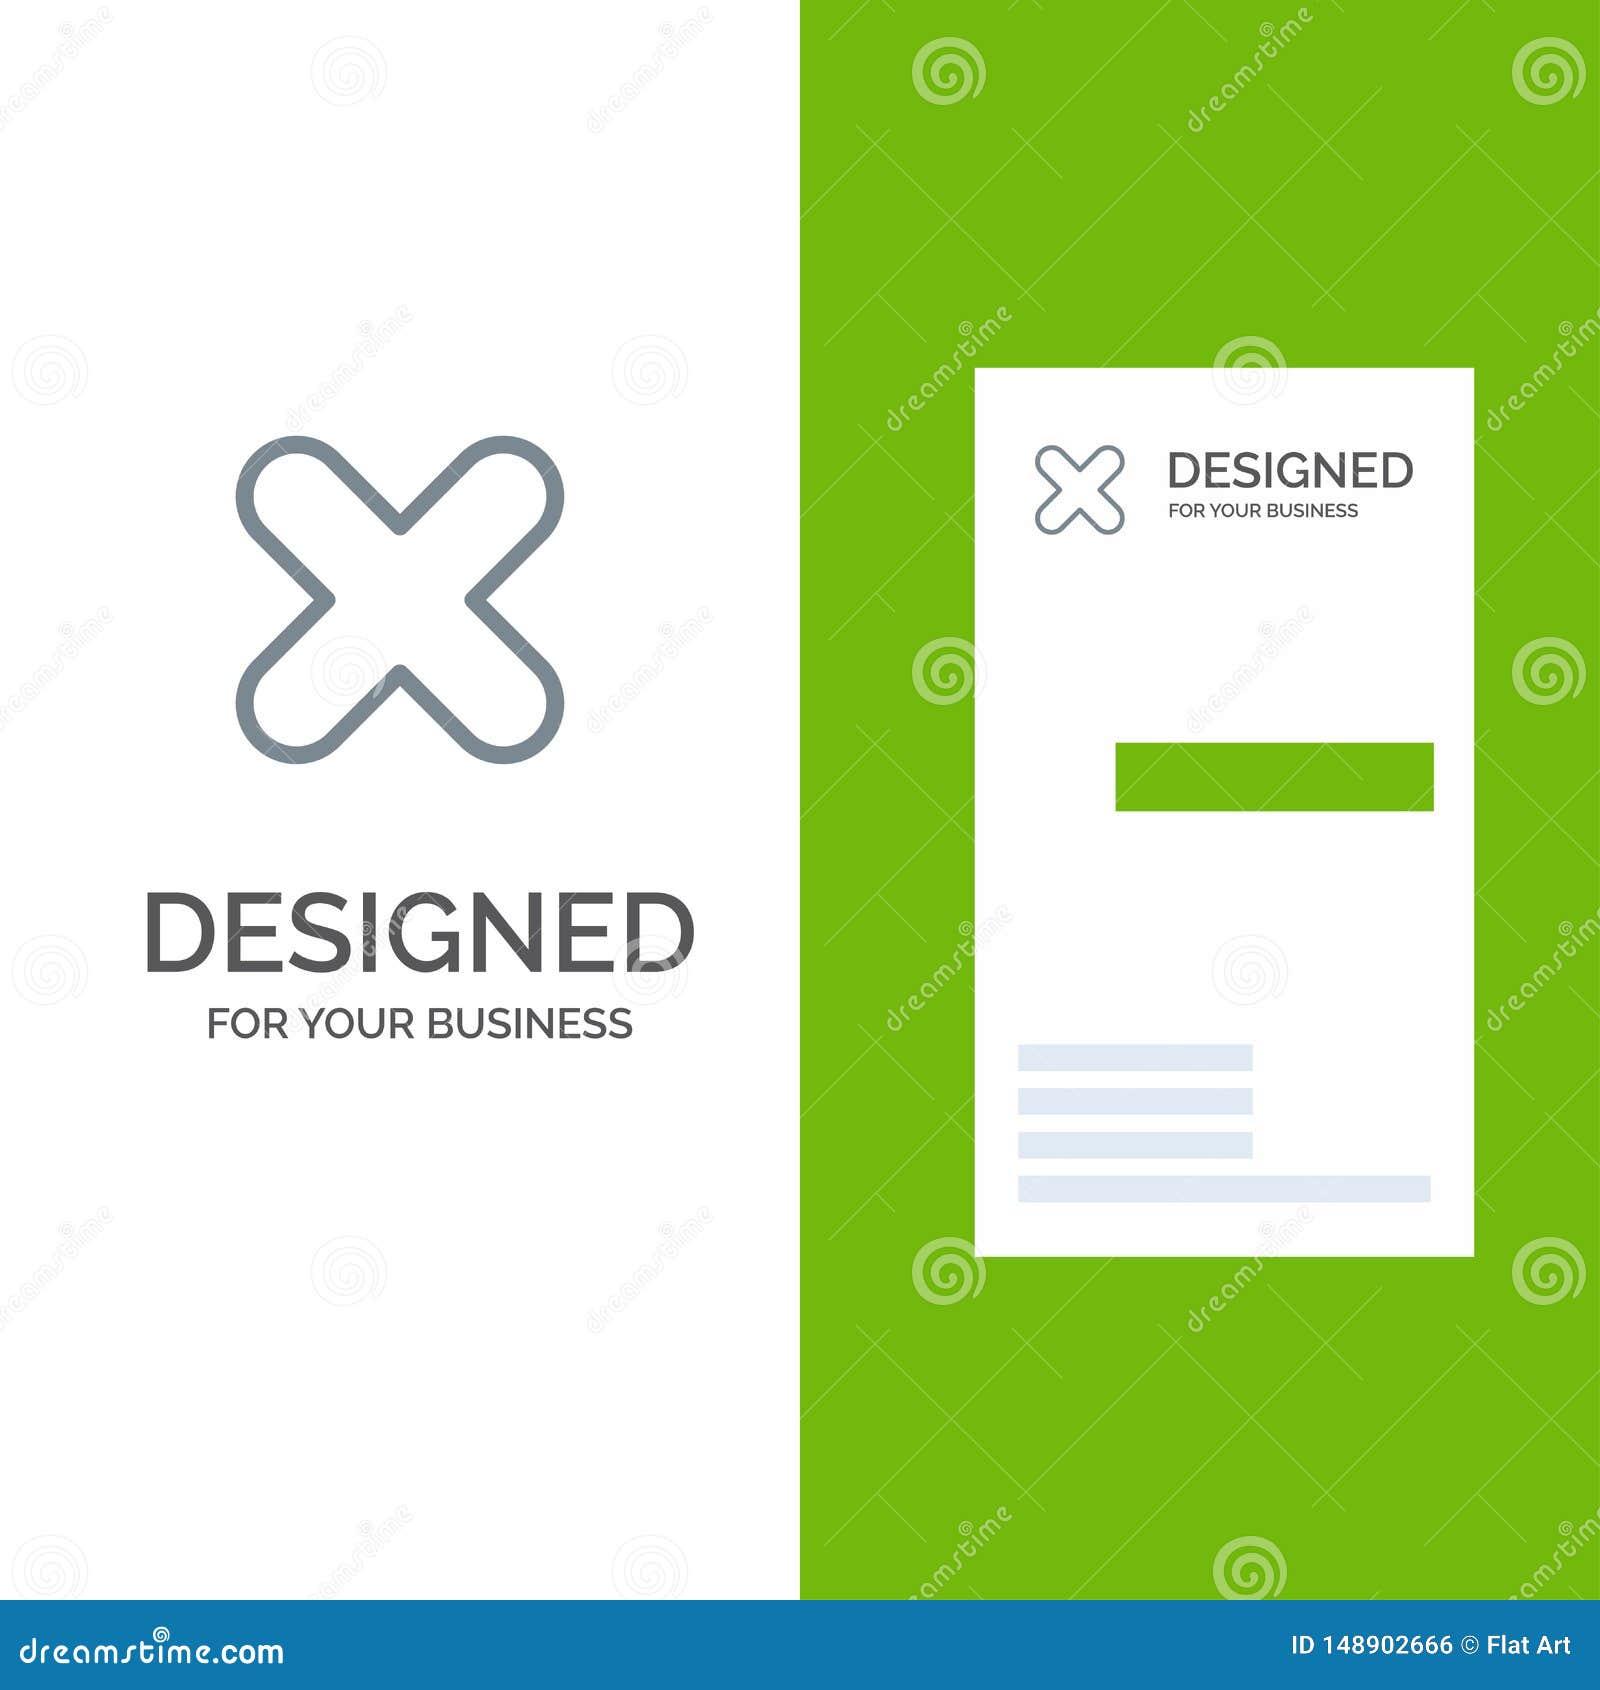 Borttagnings, annullering, slut, kors Grey Logo Design och mall för affärskort